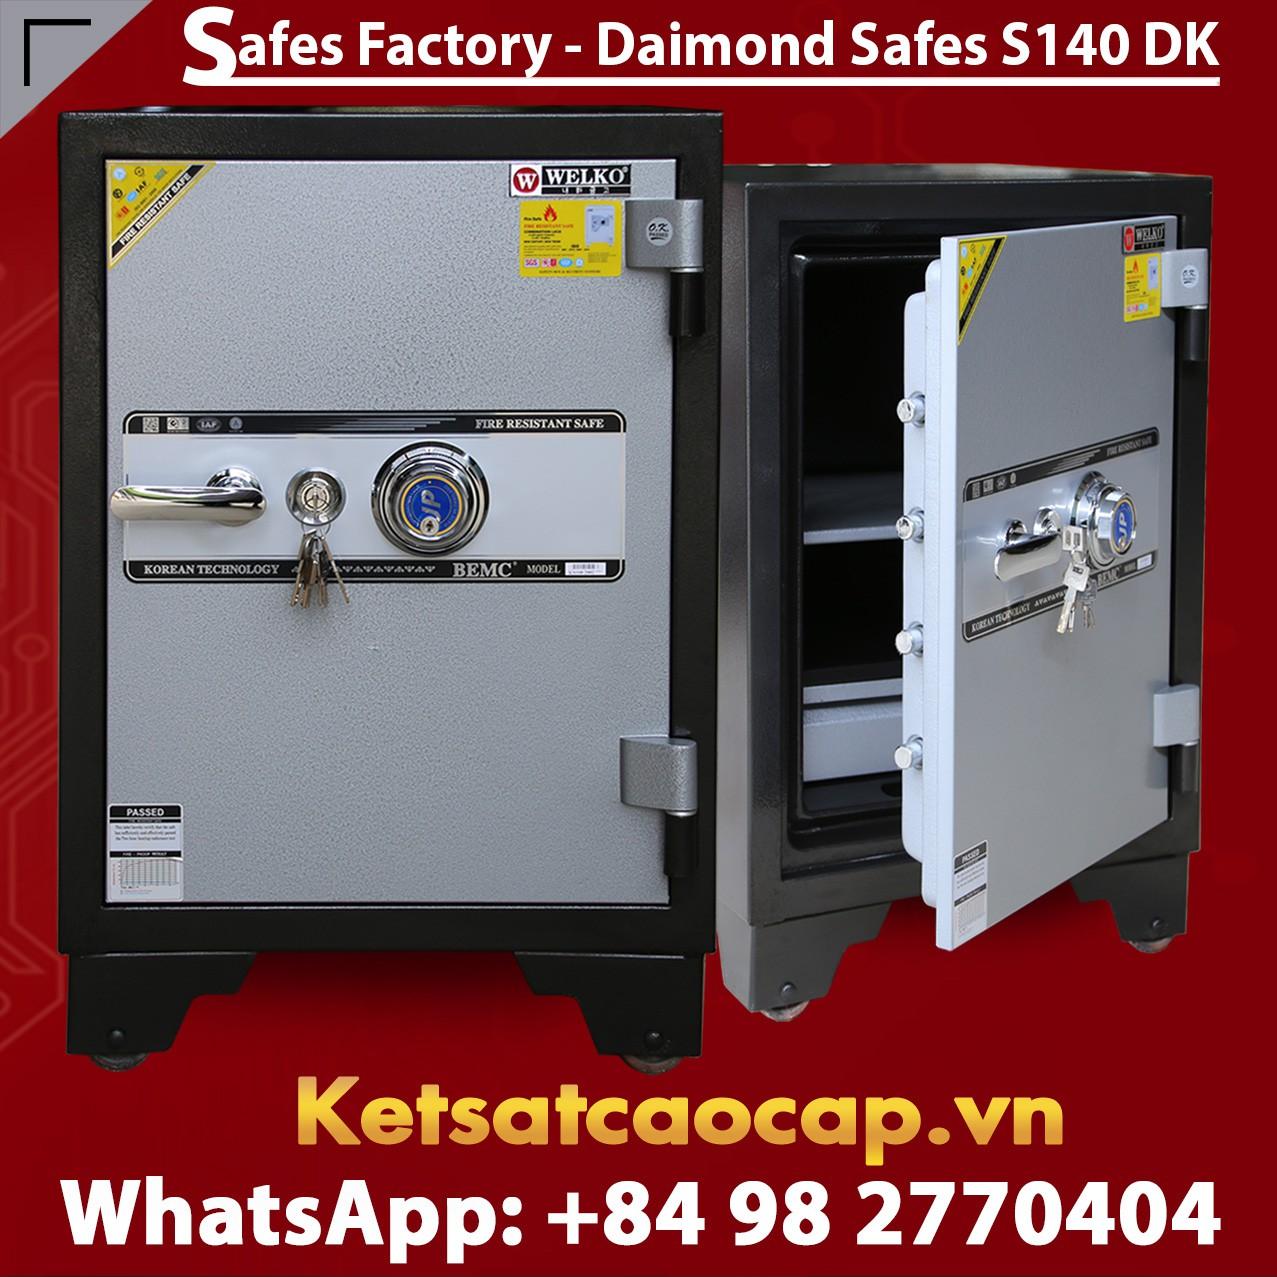 SECURITY STEEL SAFES S140 DK